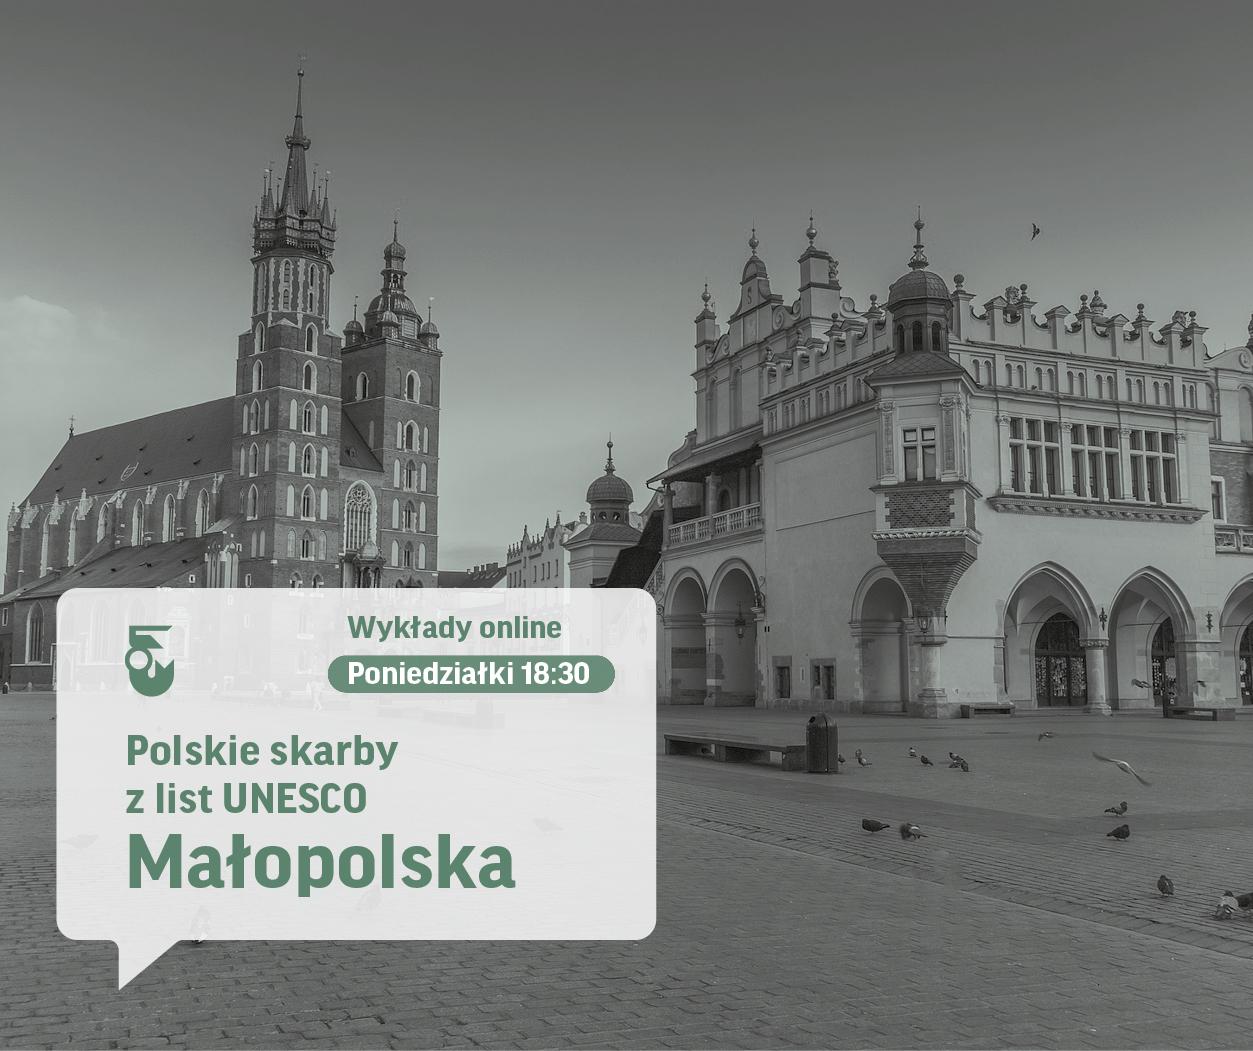 Czarno białe zdjęcie rynku Krakowskiego. Widok na kościół mariacki i sukiennice. Napis Polskie skarby z list UNESCO wykąłdy online, poniedziałek 18:30